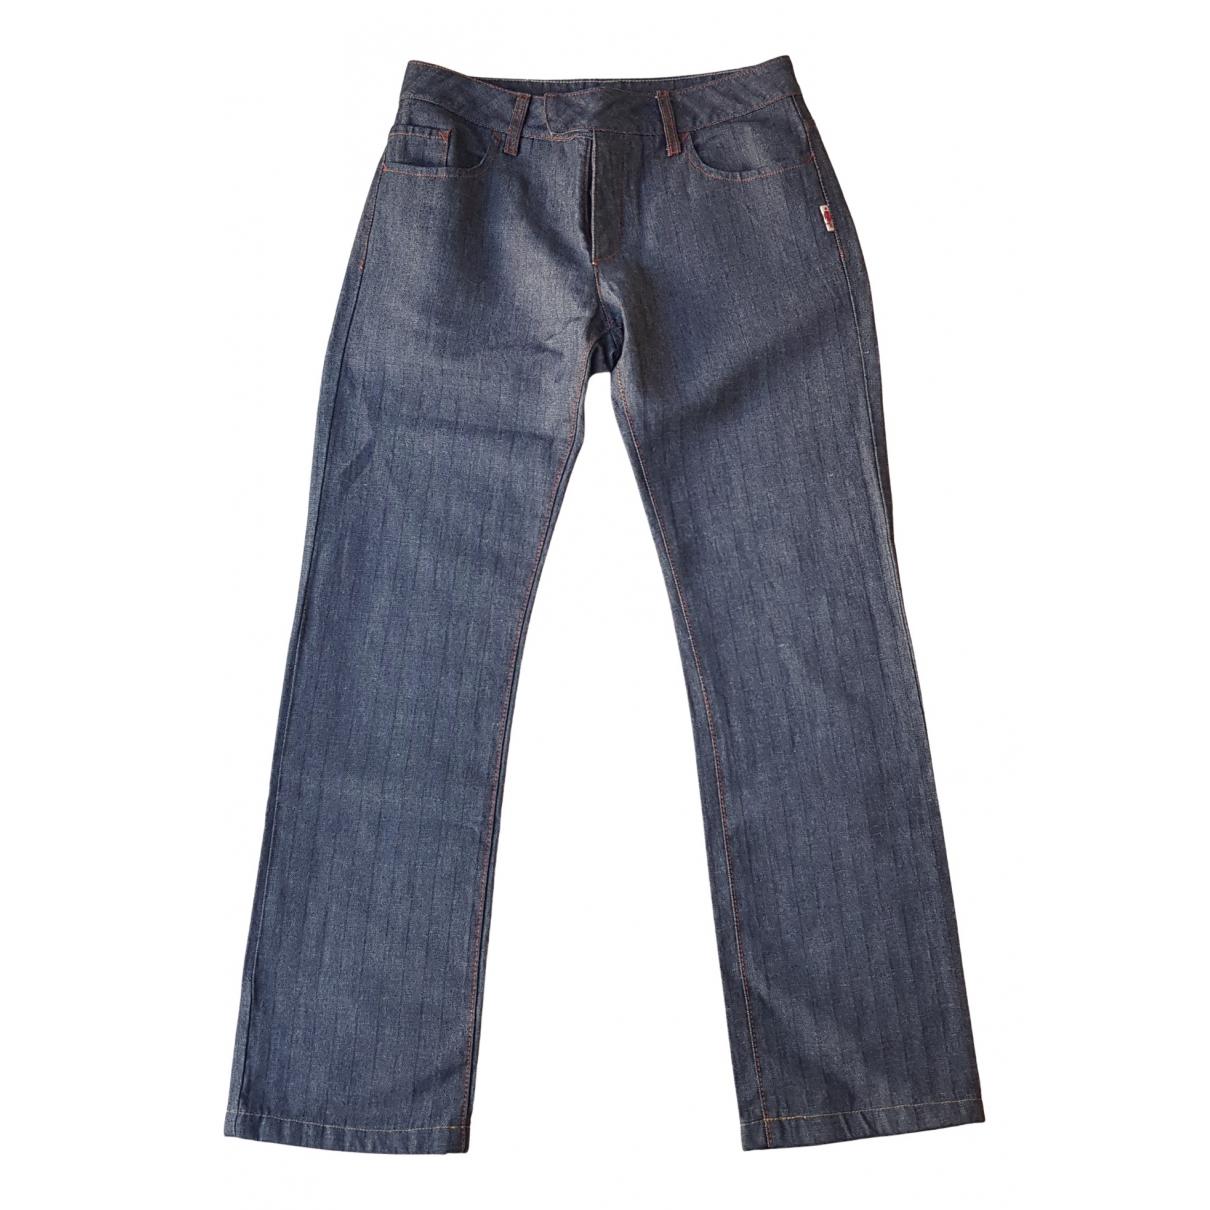 Jean Paul Gaultier \N Blue Denim - Jeans Jeans for Women 36 FR